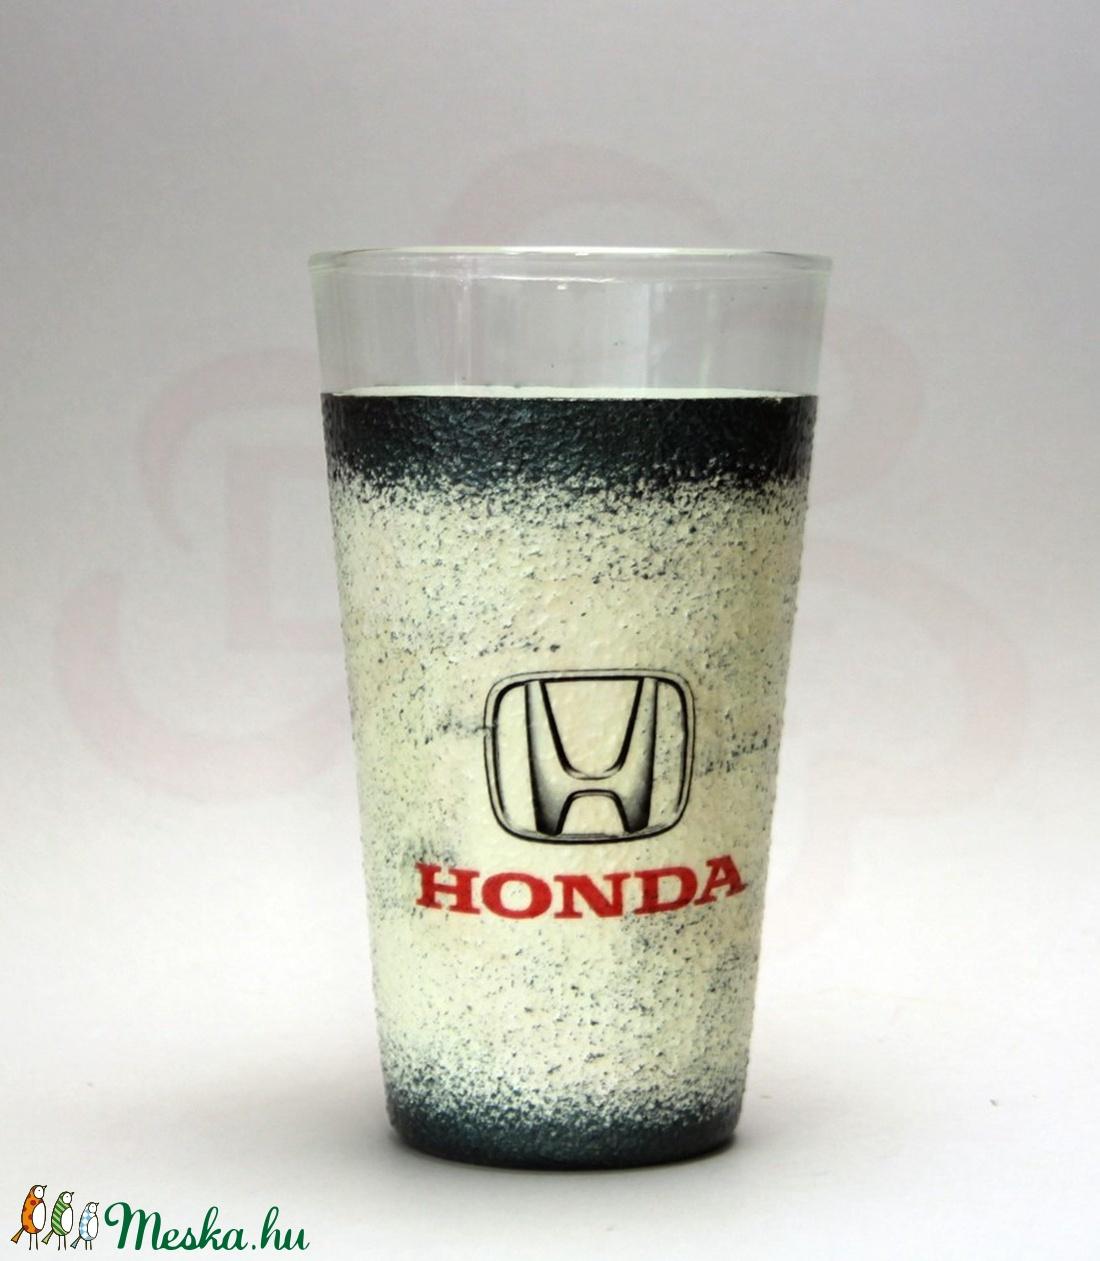 HONDA vizes pohár ; Saját Honda autód fotójával is elkészítjük ! - Meska.hu